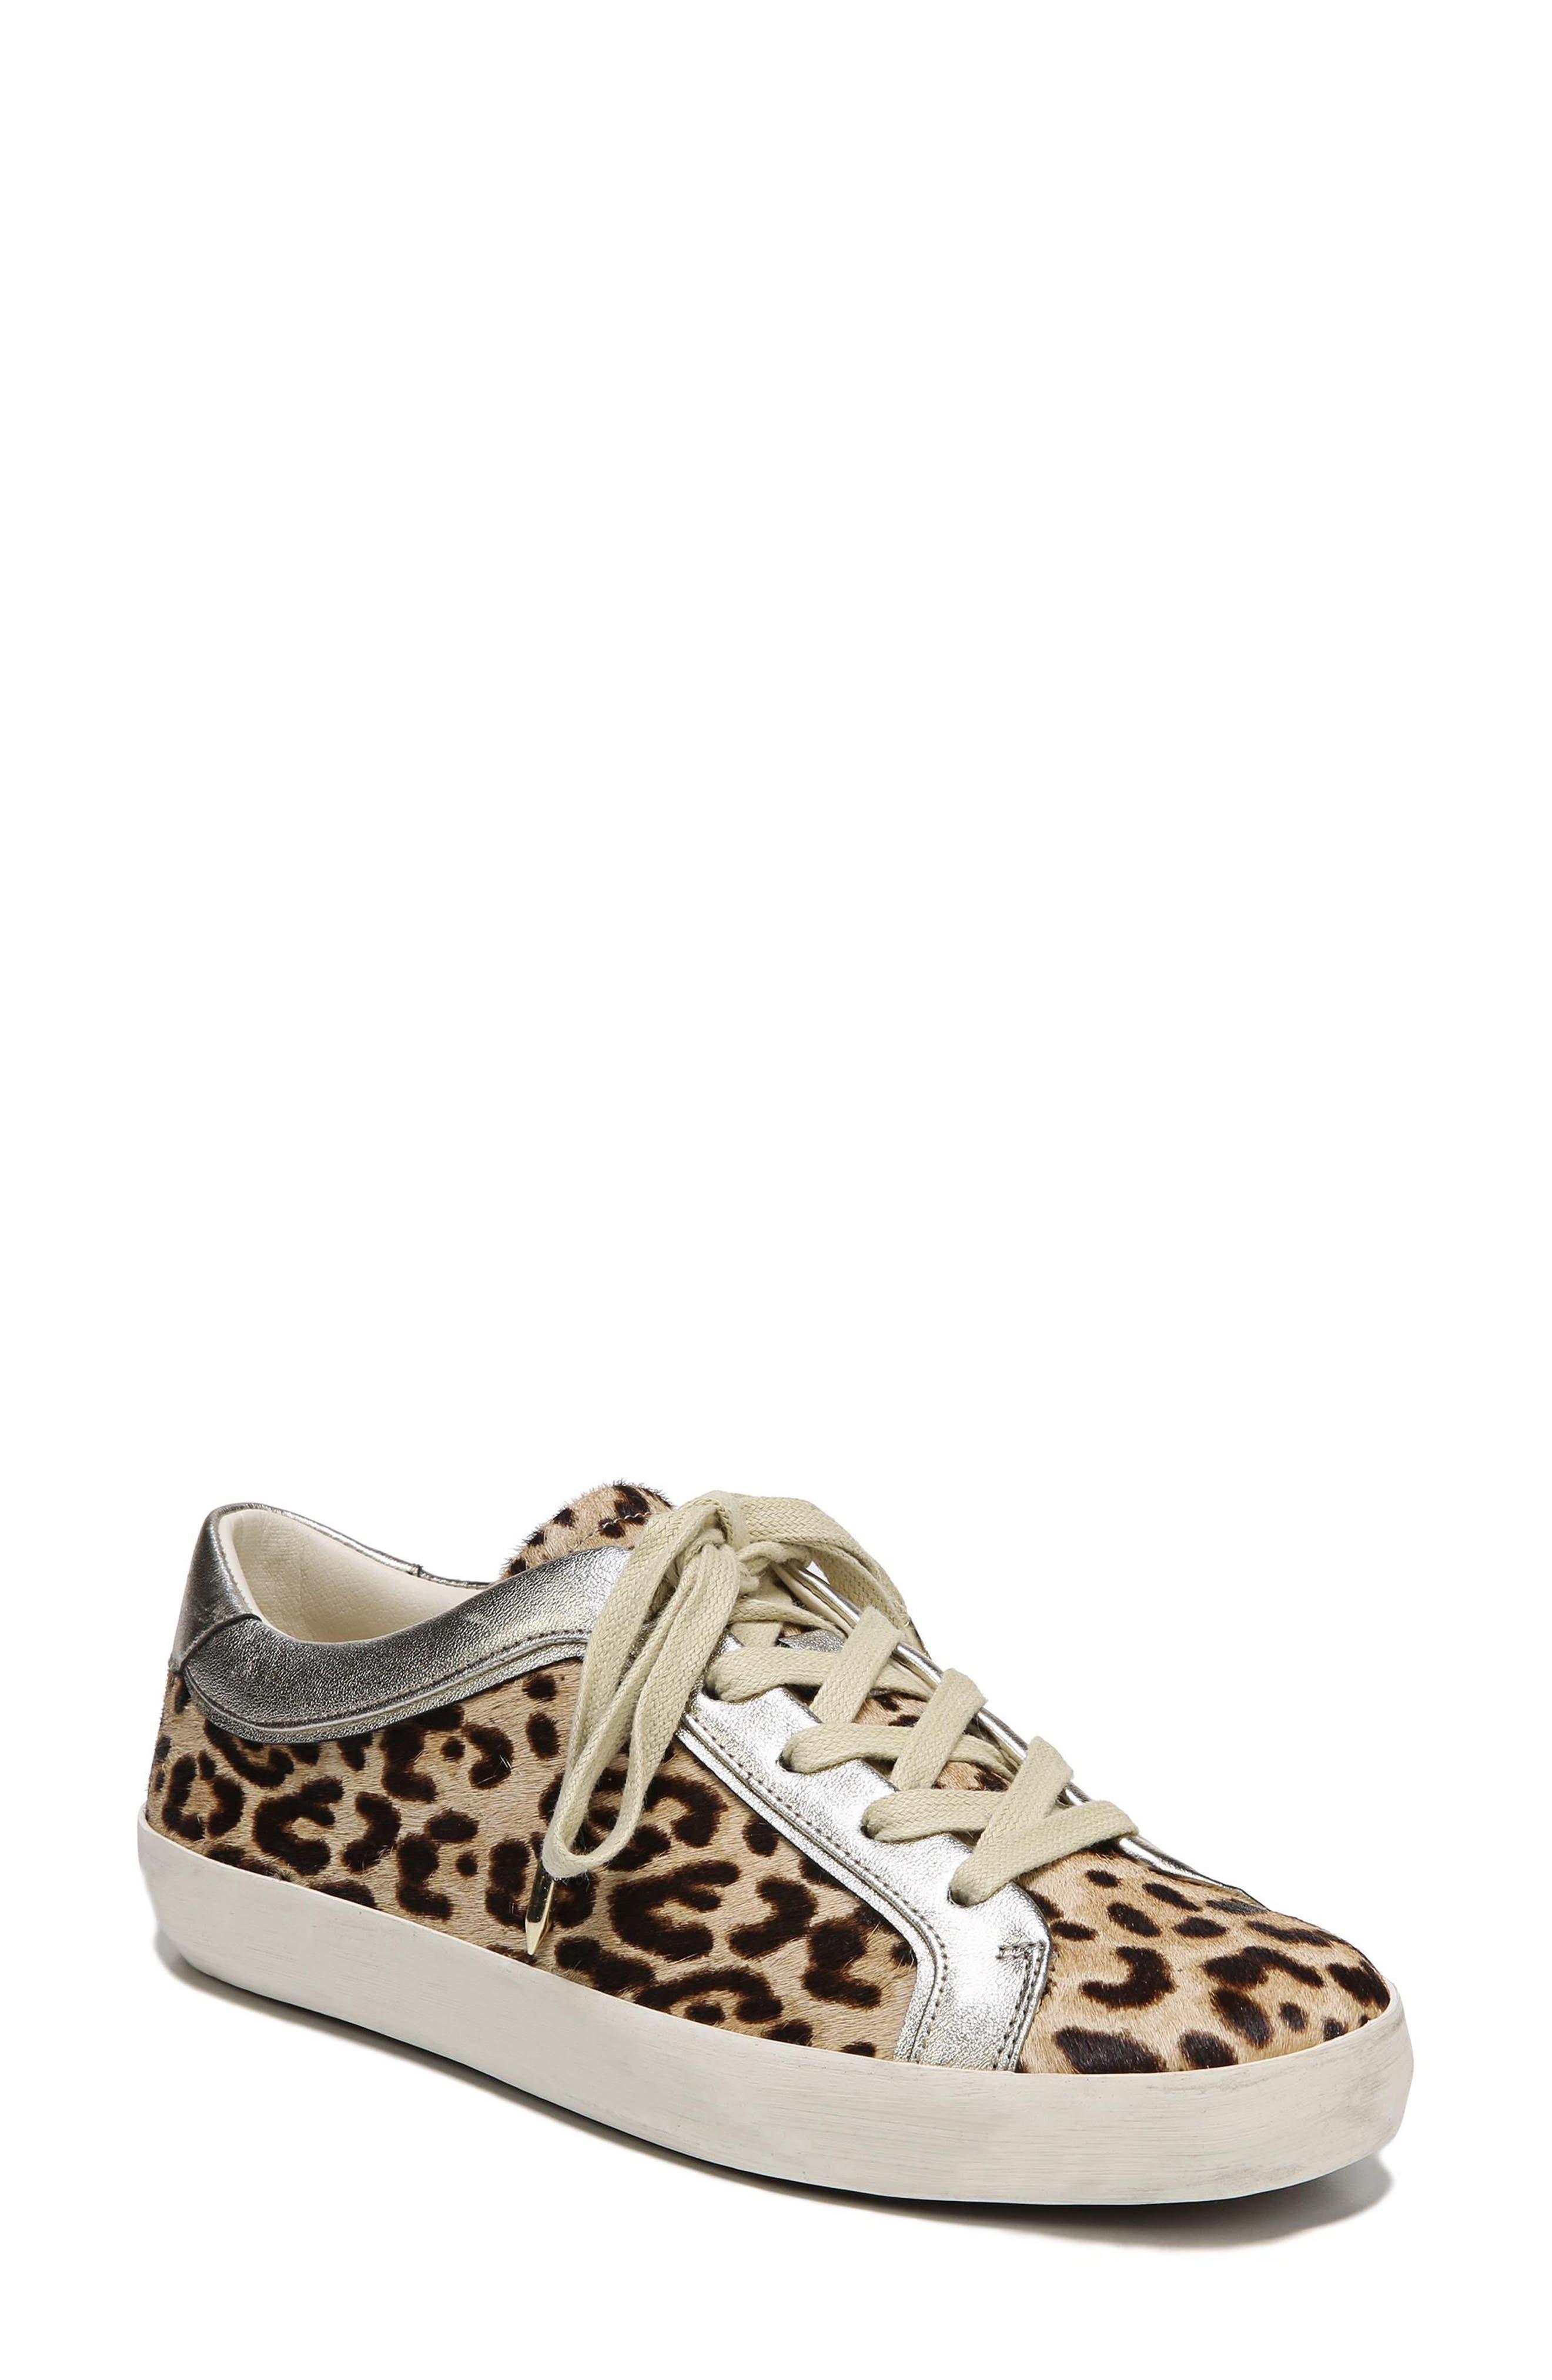 Britton 2 Sneaker,                             Main thumbnail 1, color,                             Leopard Brahma Hair